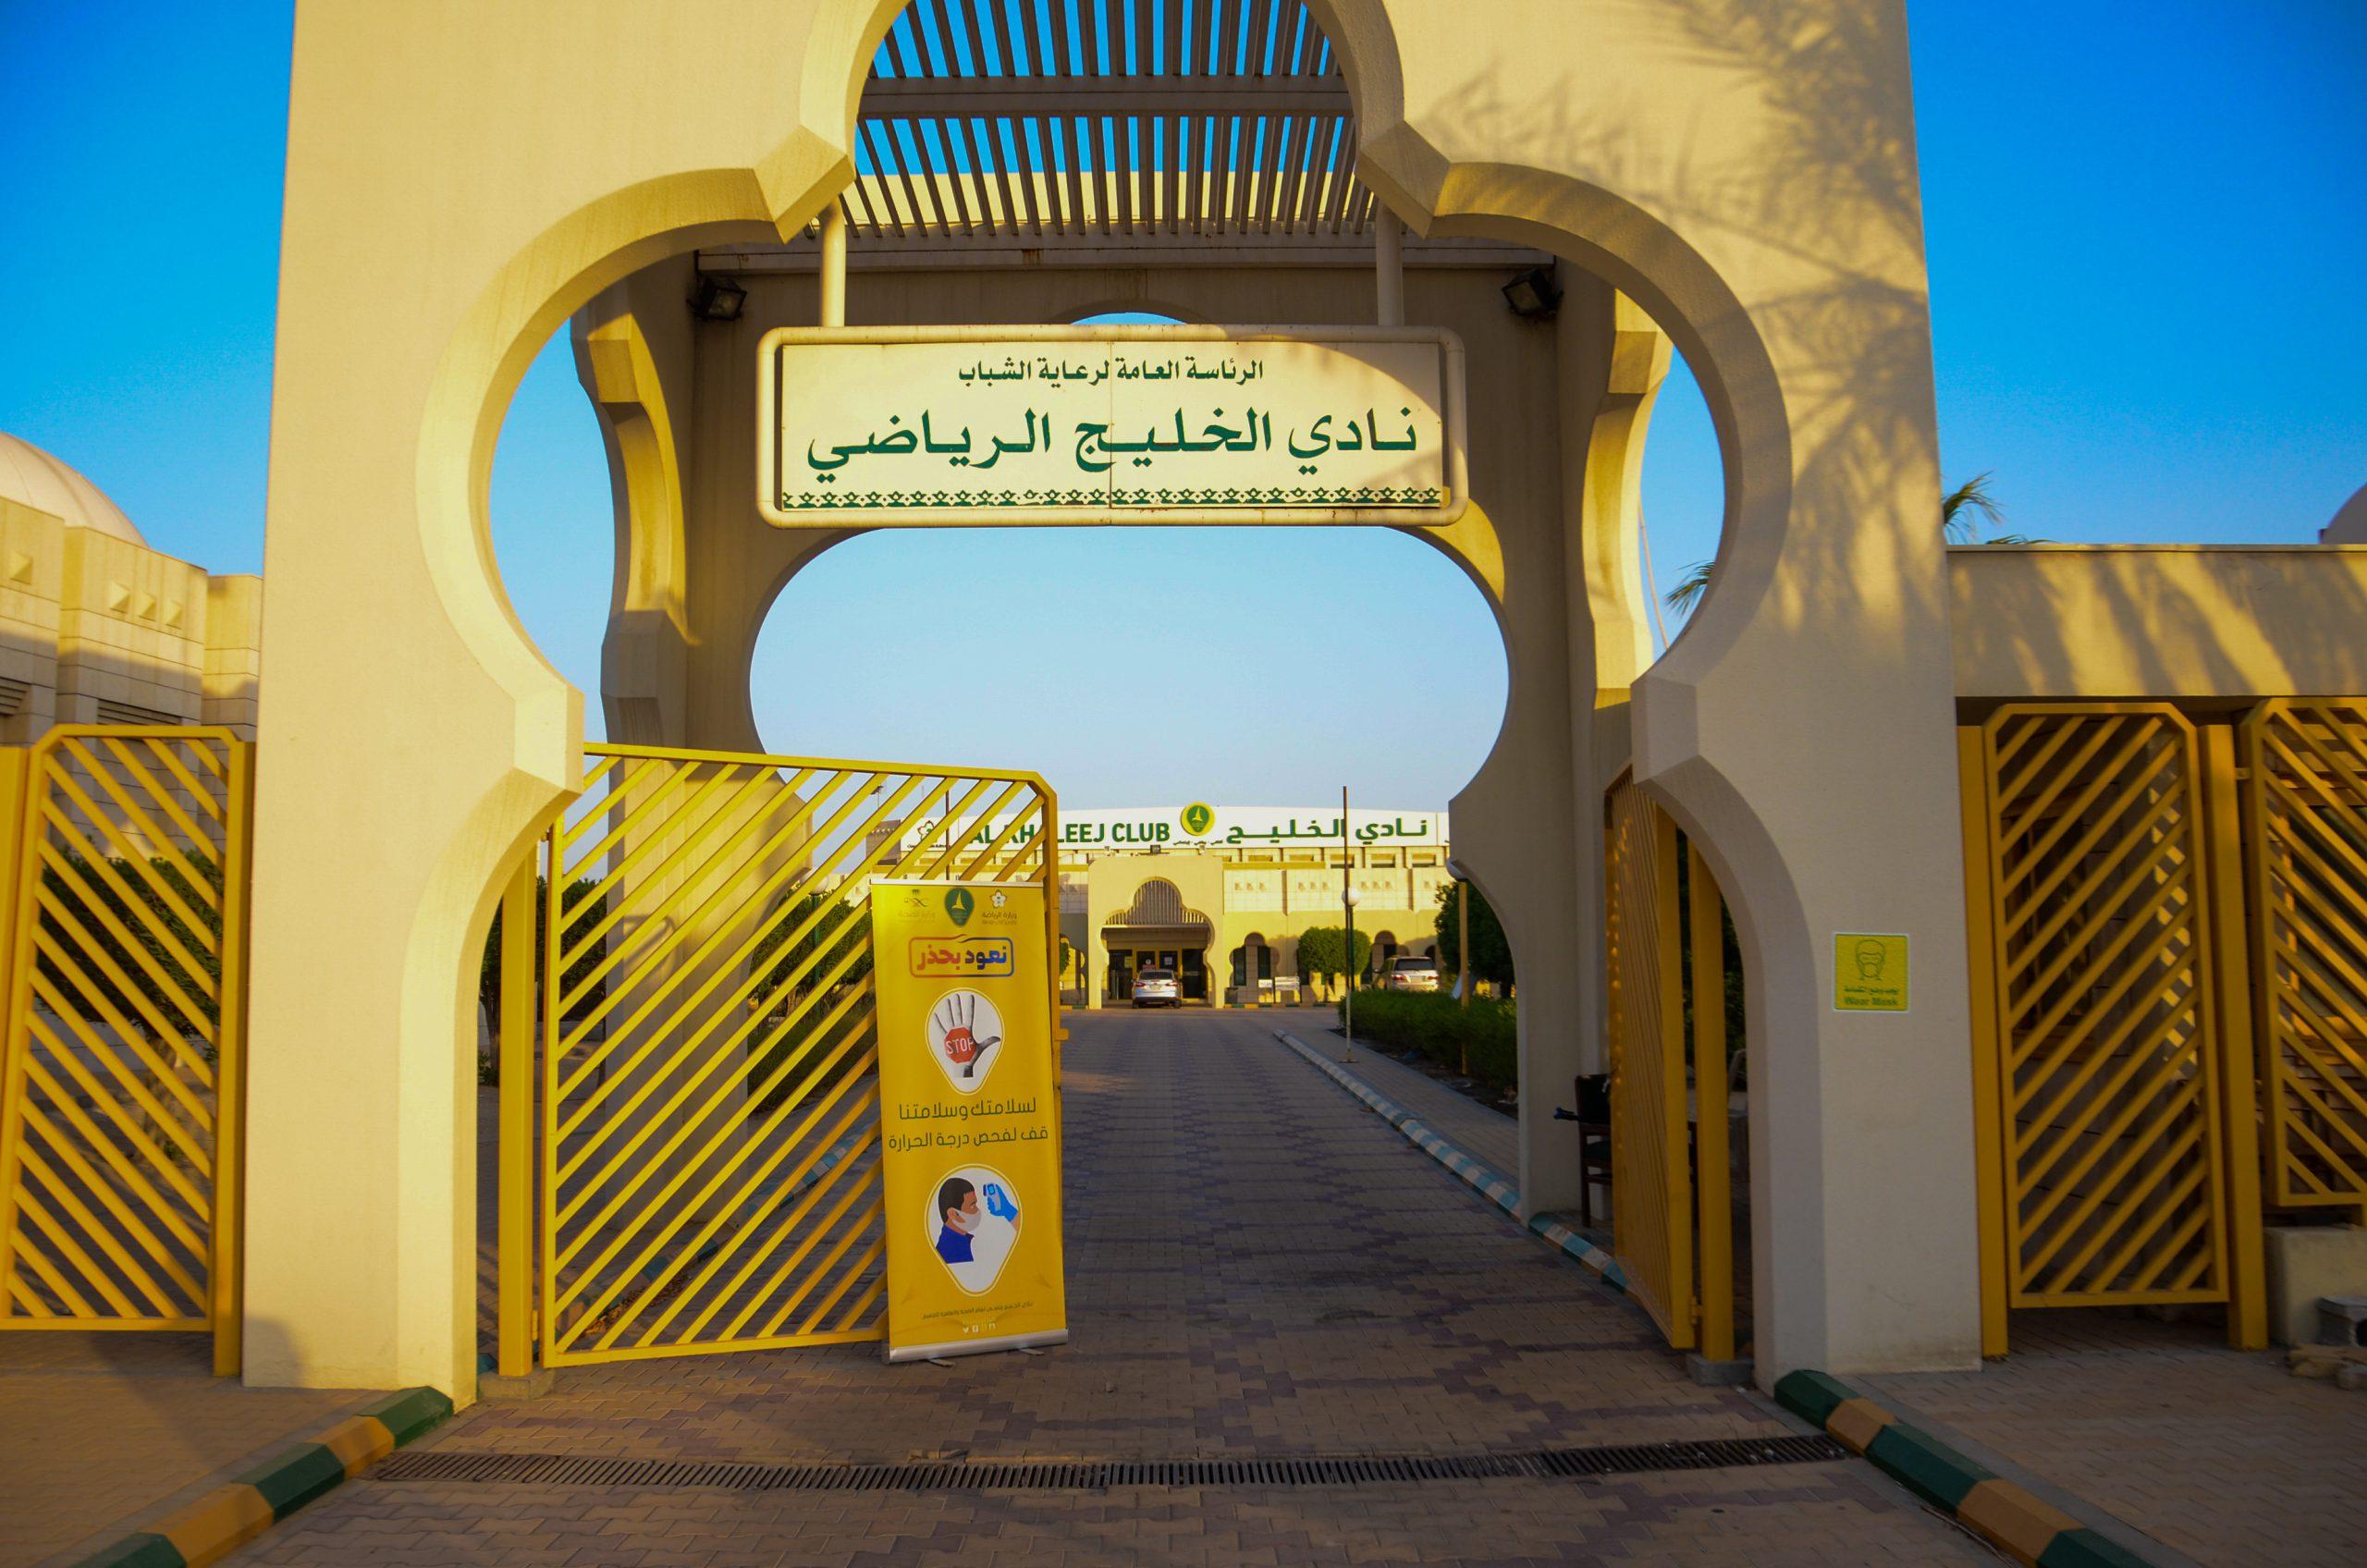 المشامع : جهود جبارة بذلتها حكومة خادم الحرمين الشريفين للحد من جائحة كورونا